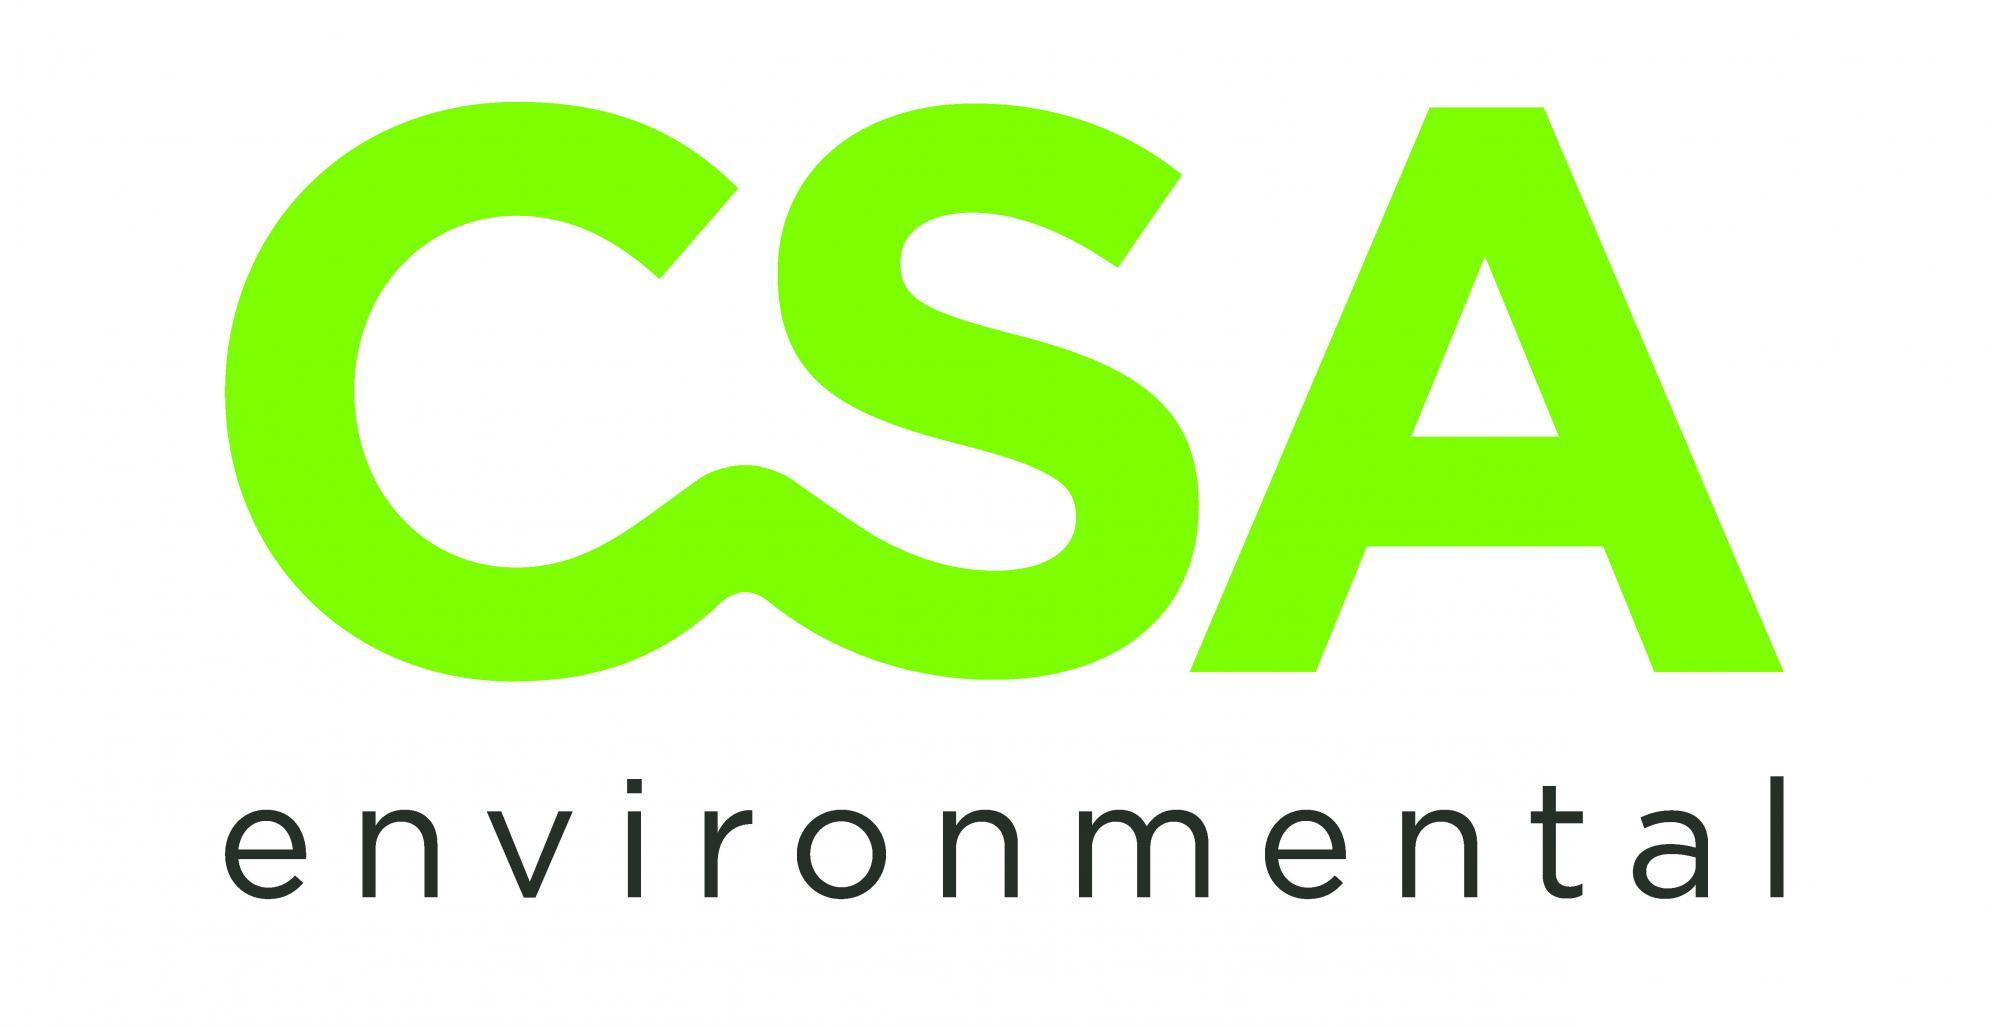 CSA Environmental Urban Design Group Practice